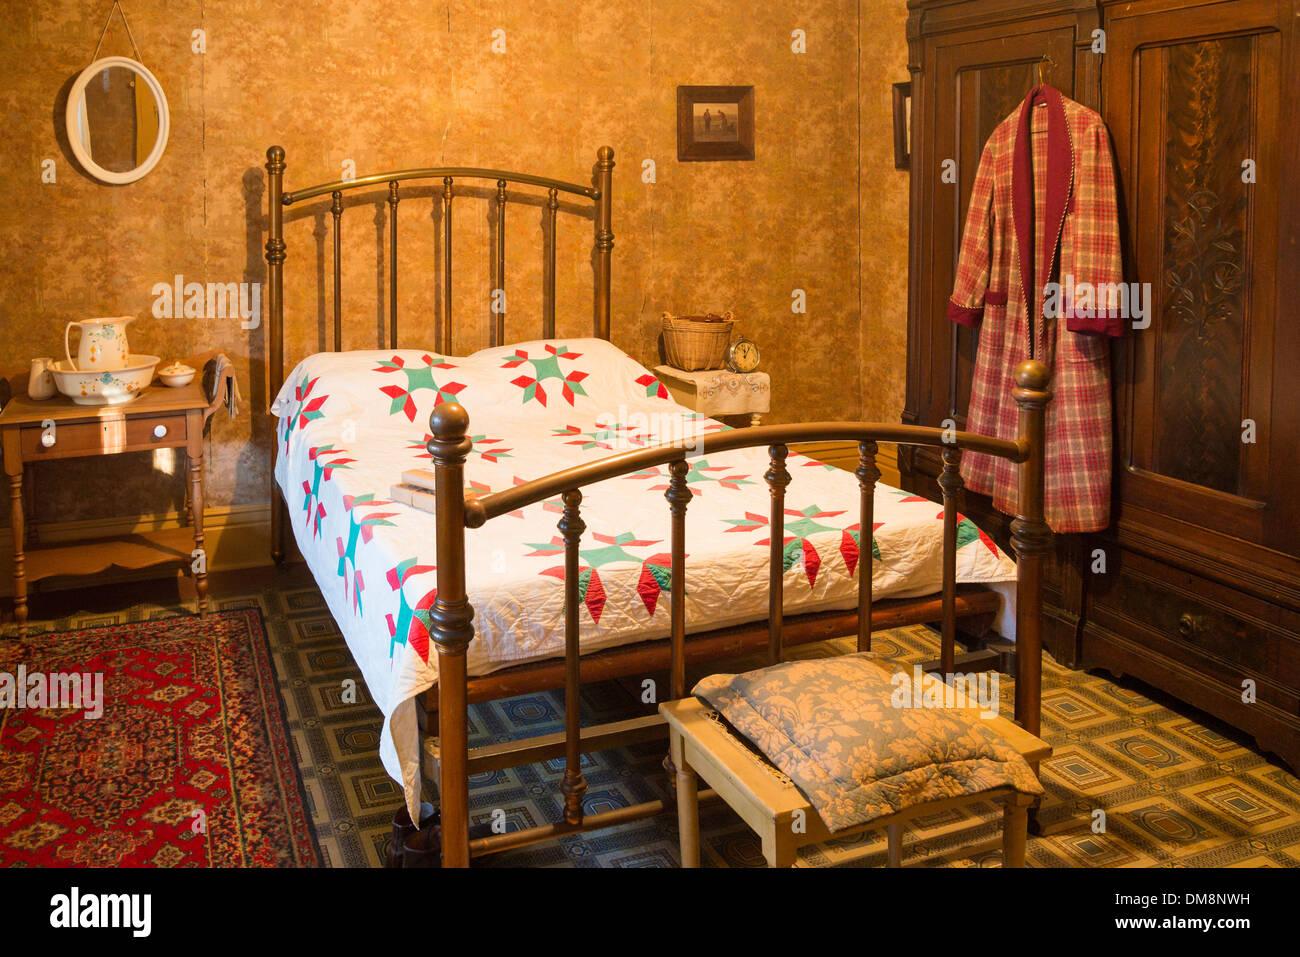 Chambre avec lit en laiton du patrimoine et de courtepointe, Burnaby Village Museum, Burnaby, Colombie-Britannique, Canada Photo Stock